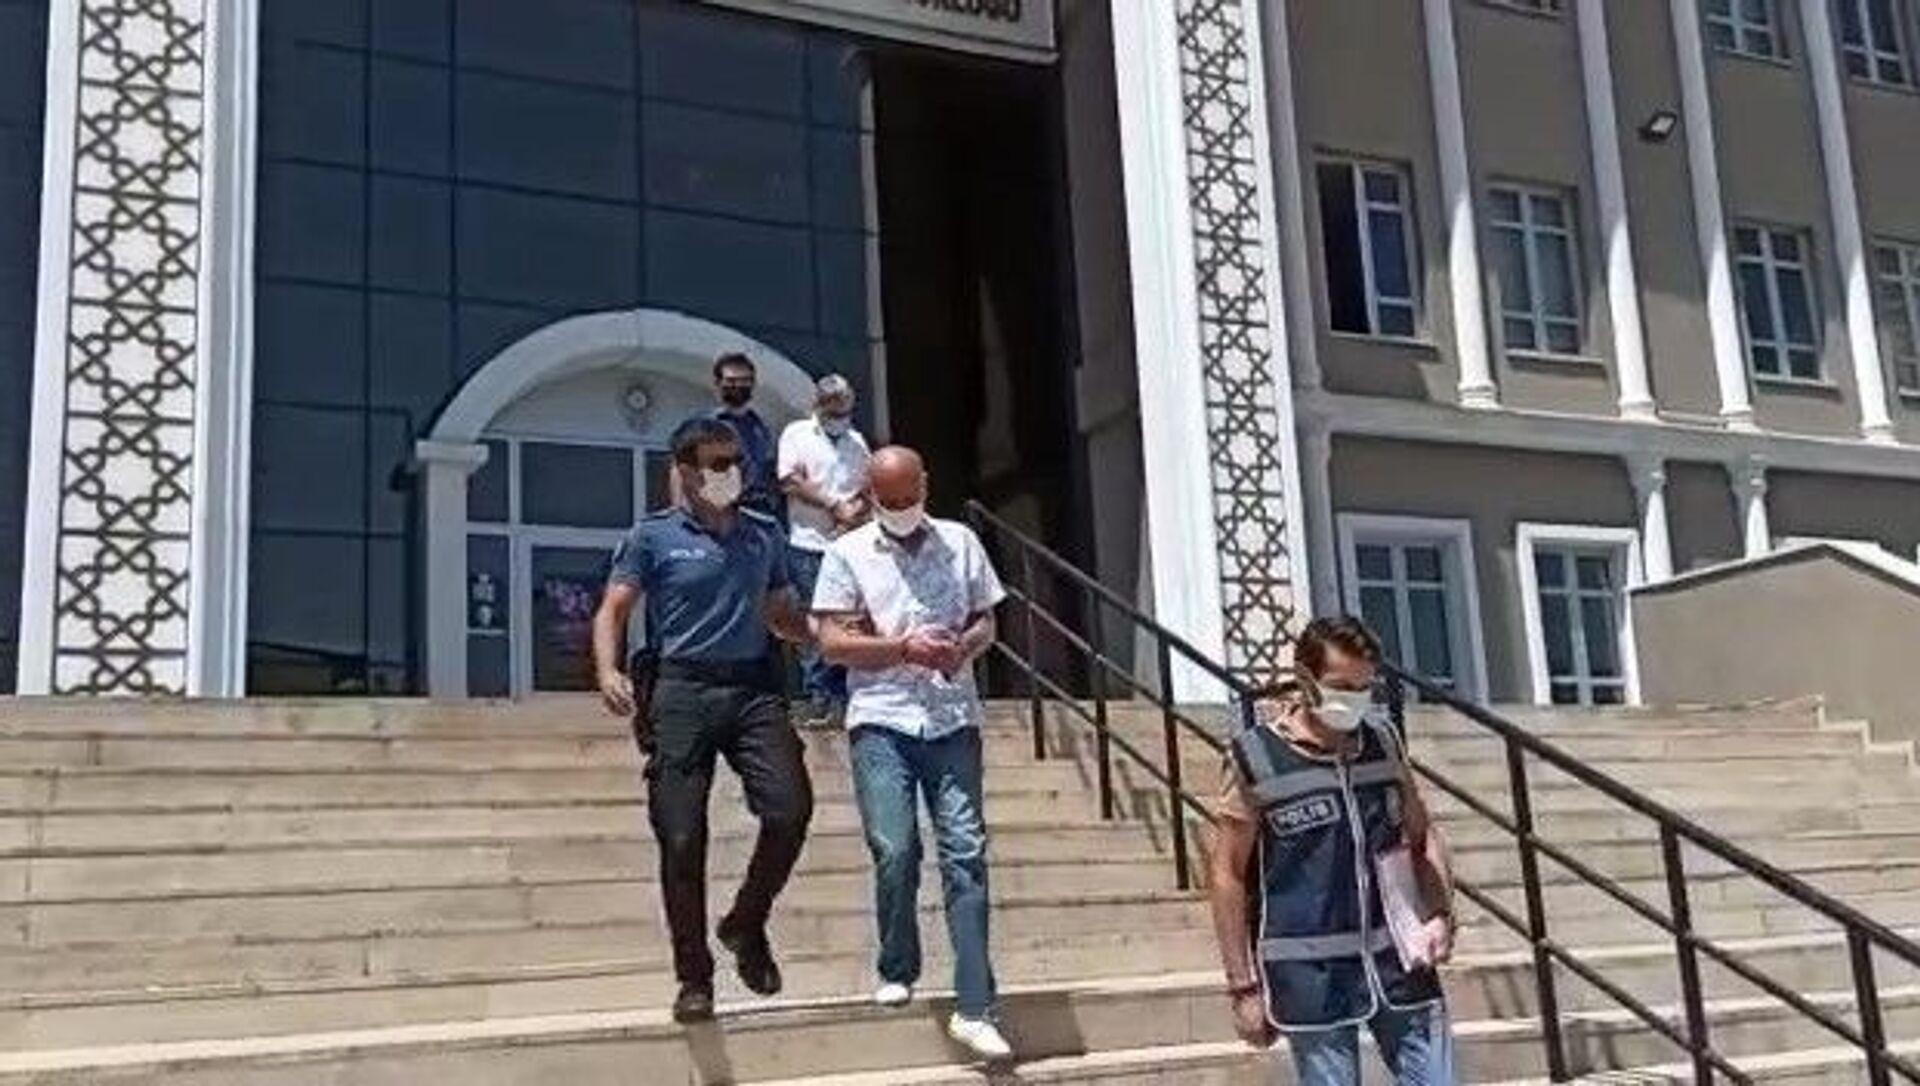 236 yıl hapis cezasıyla aranan internet dolandırıcısı yakalandı - Sputnik Türkiye, 1920, 03.08.2021